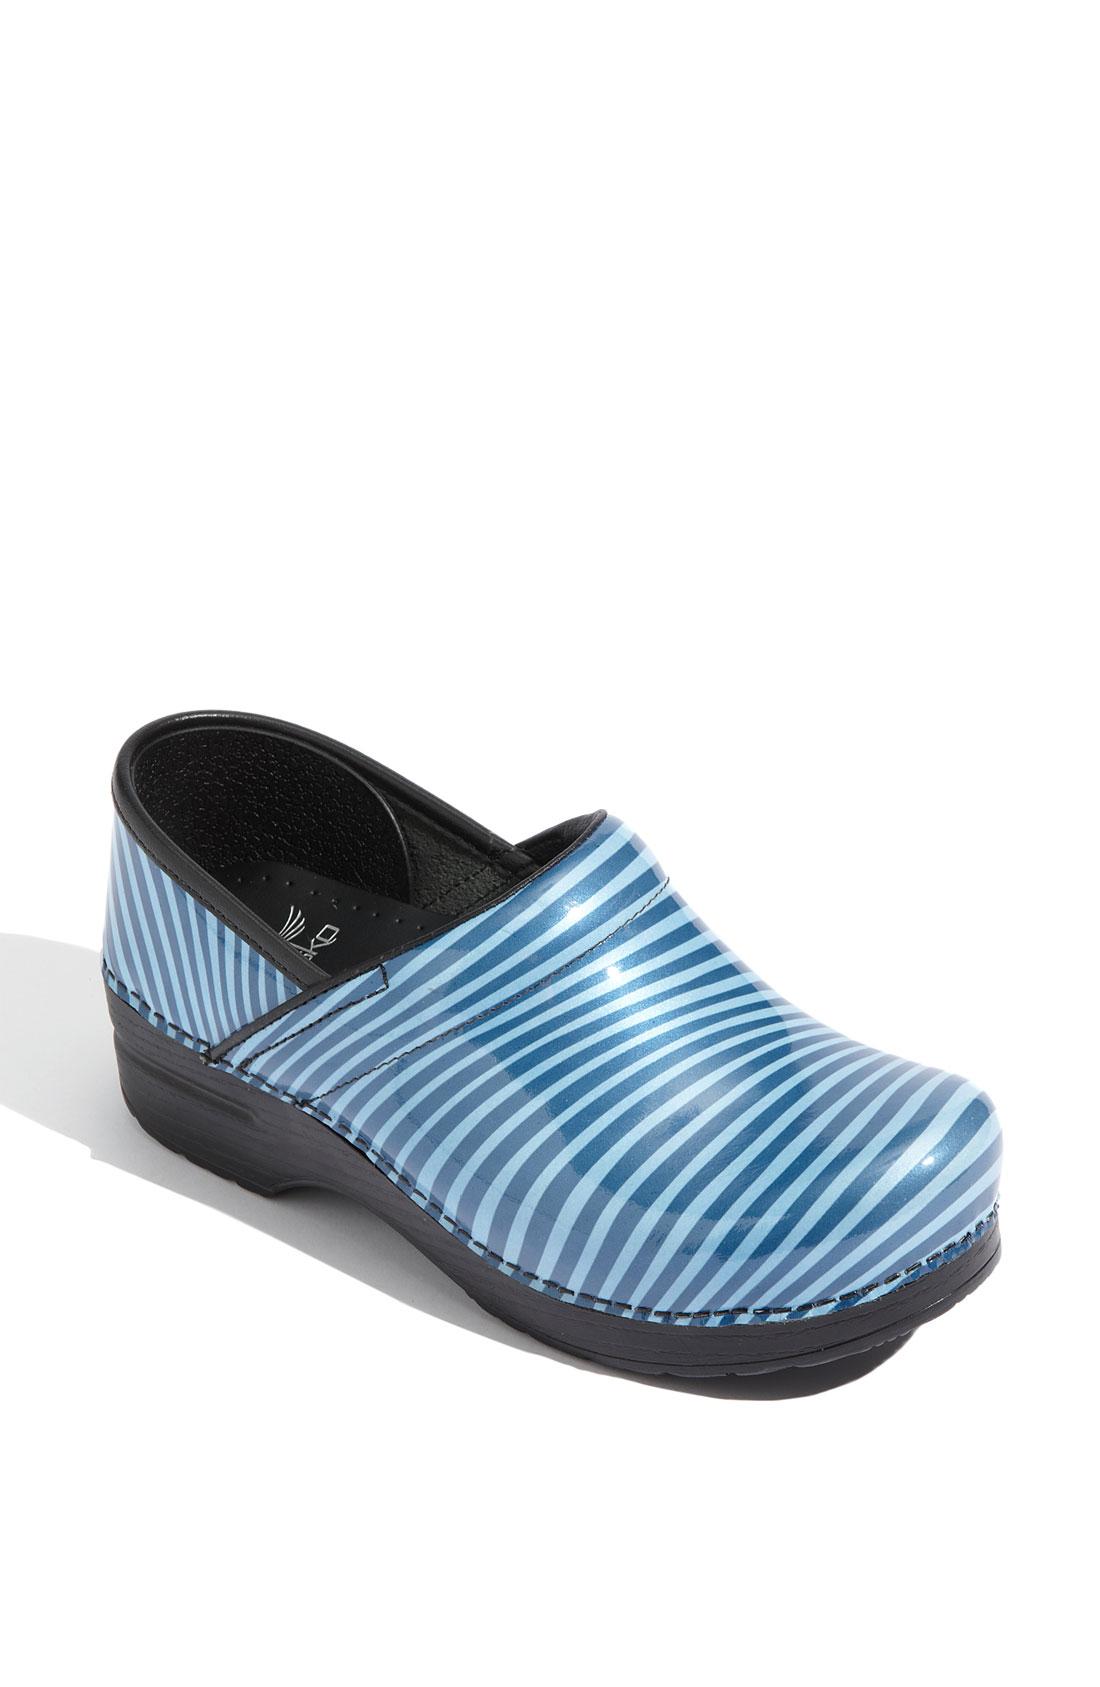 Dansko Shoes Blue